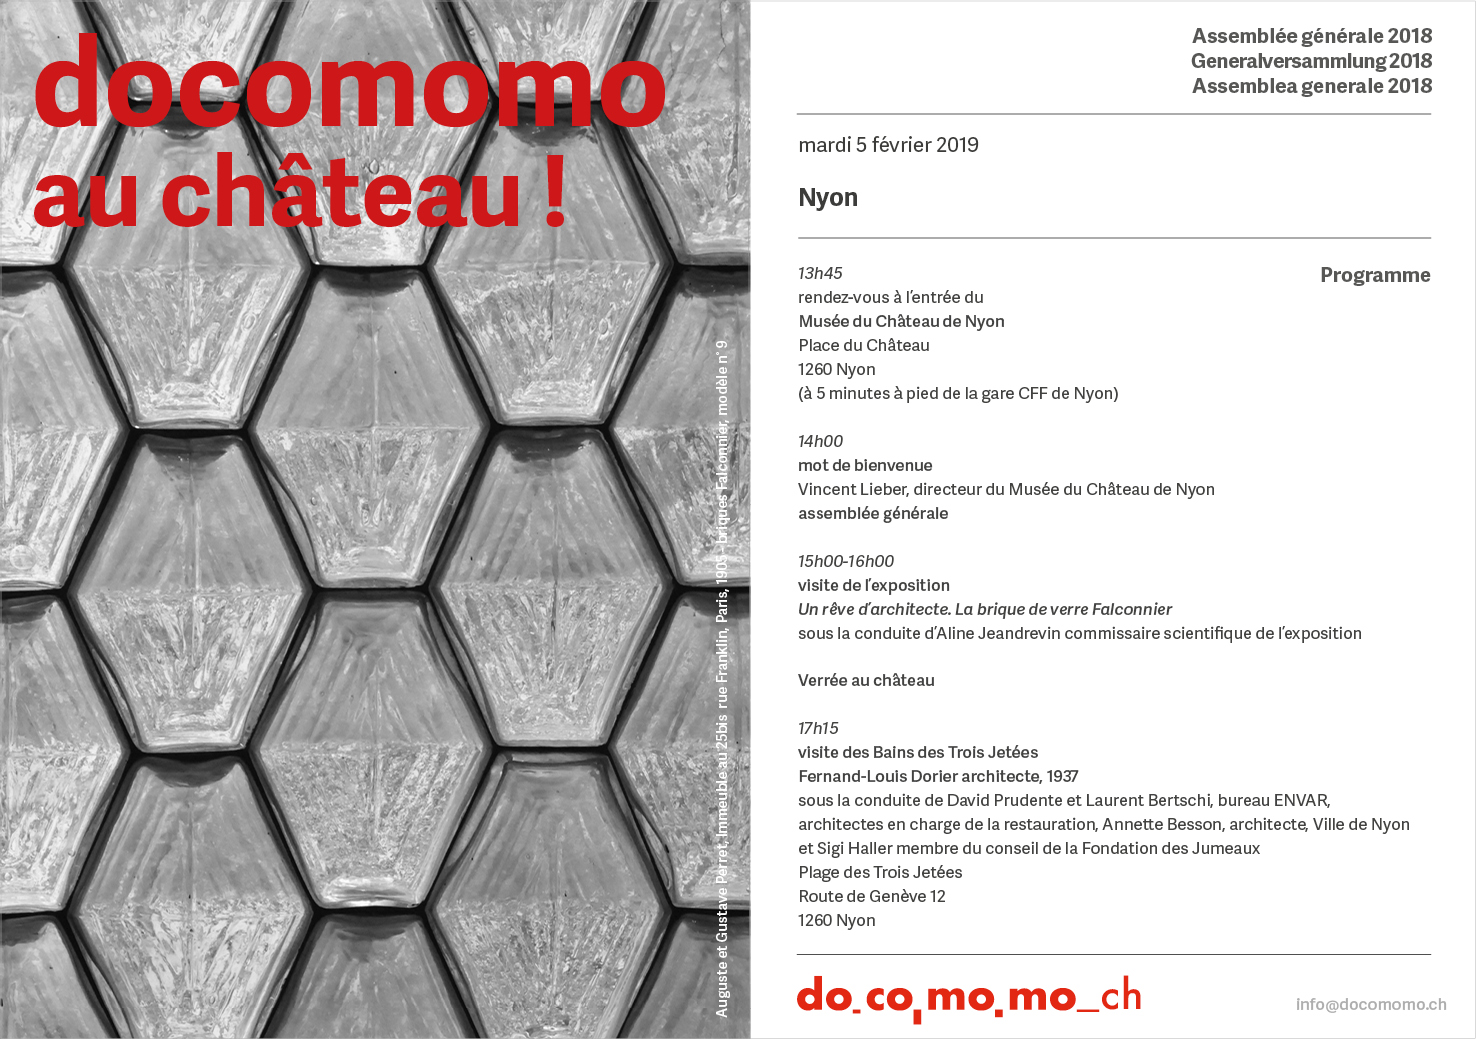 AG_Docomomo_Nyon